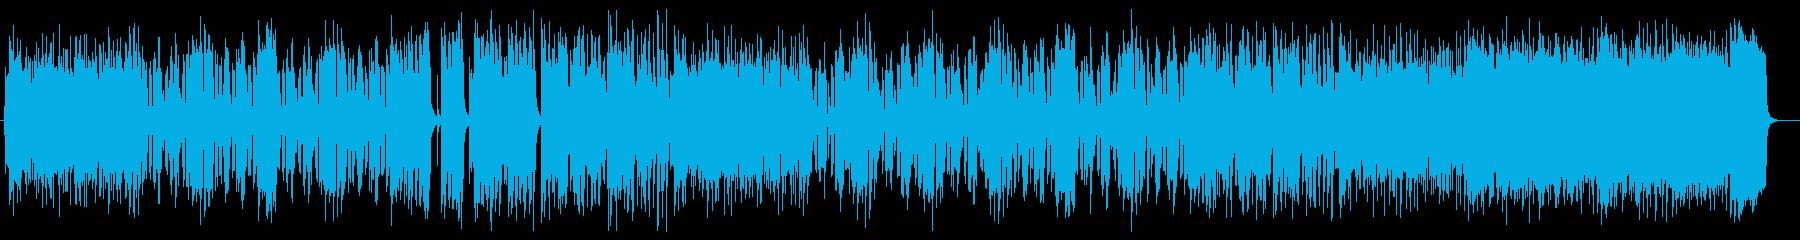 軽快なリズムによるメロディが特徴のポップの再生済みの波形